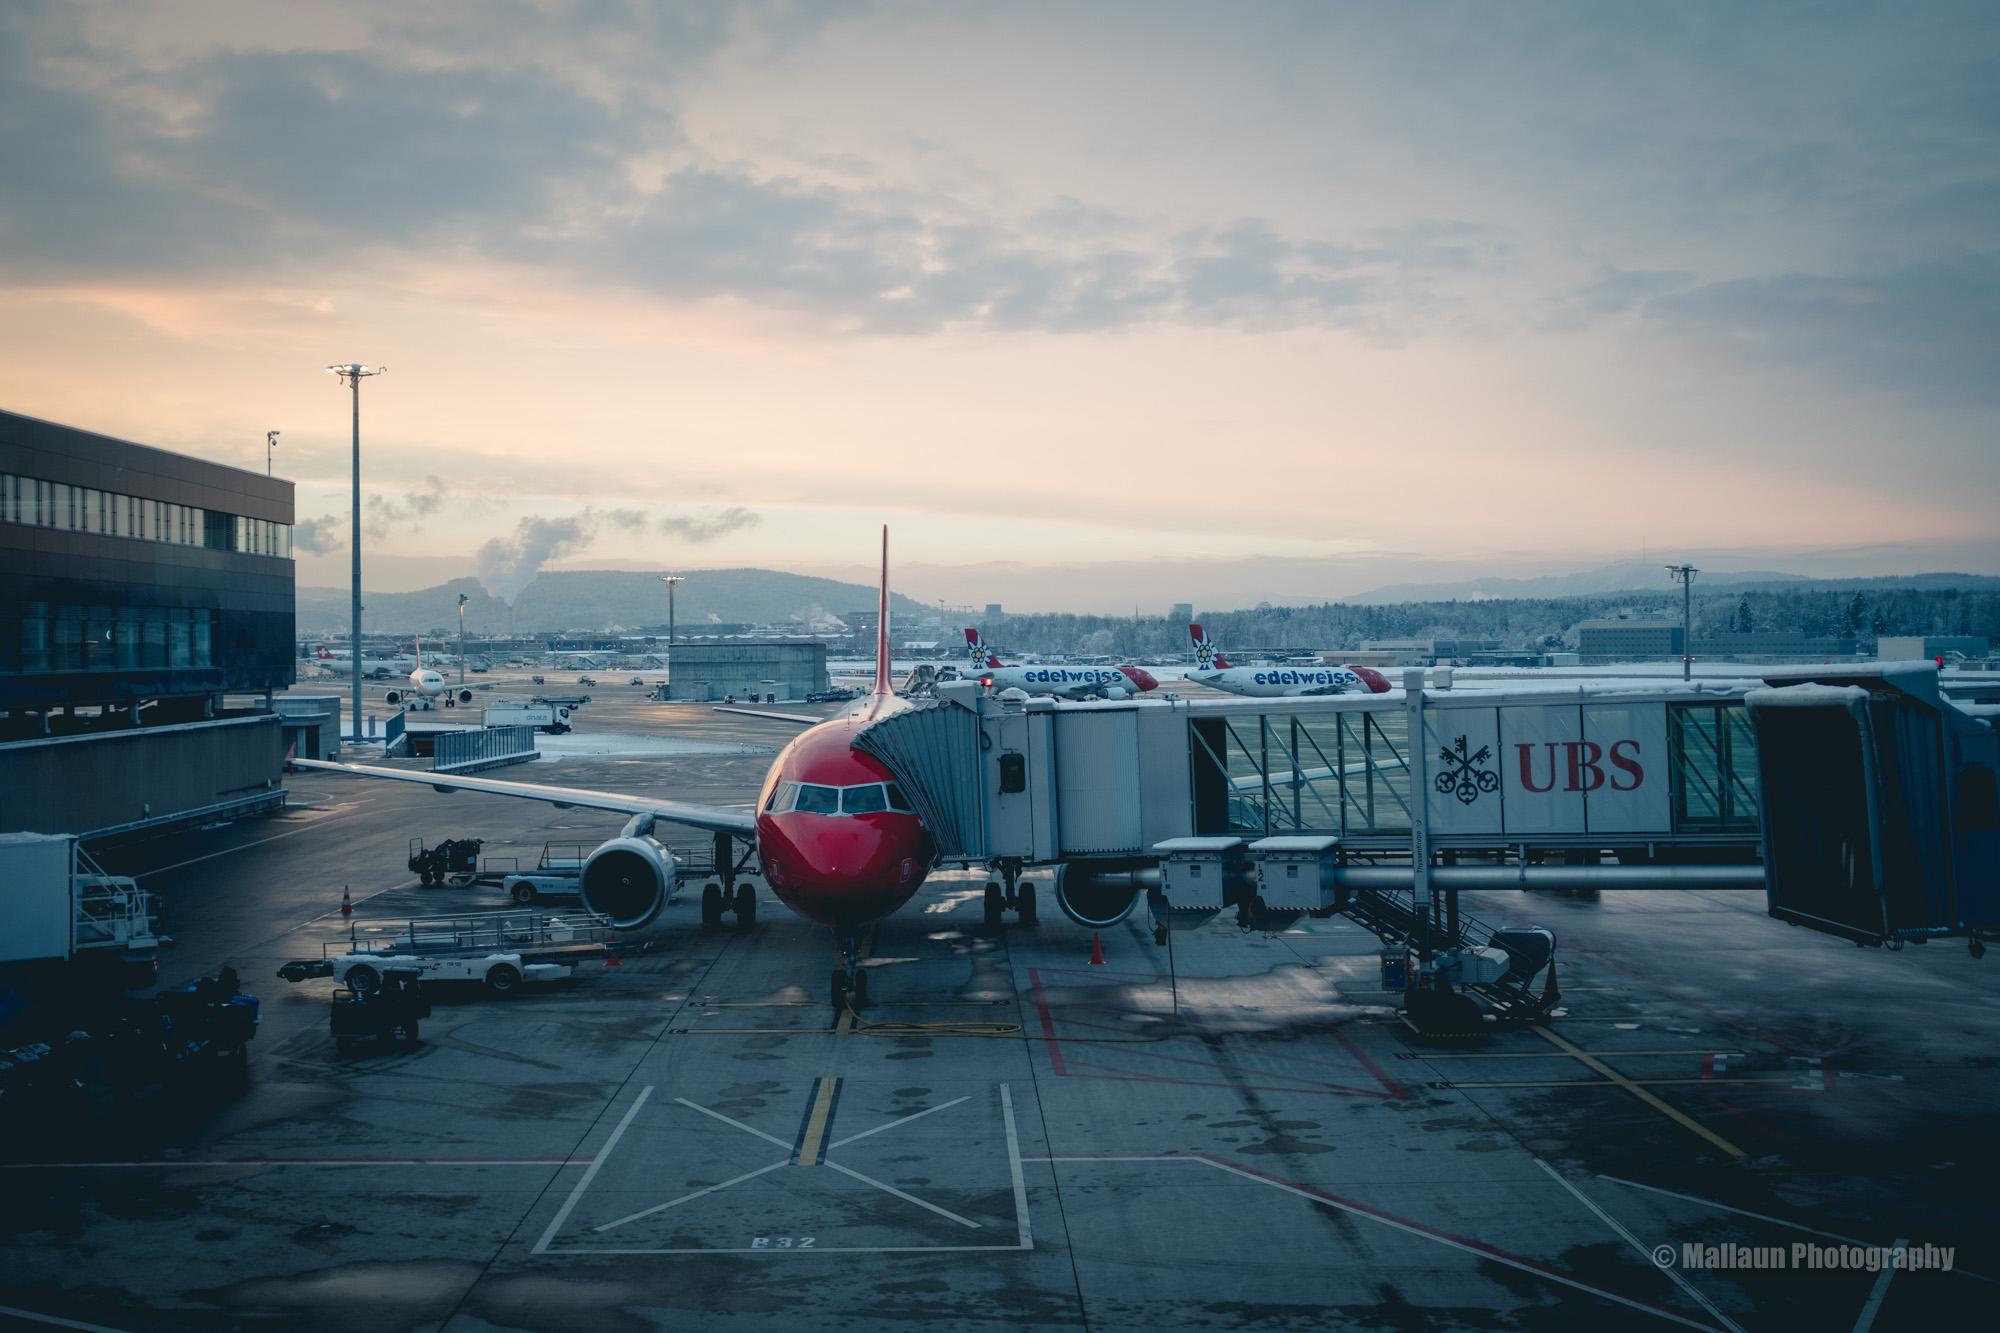 Flughafen Zürich © Mallaun Photography